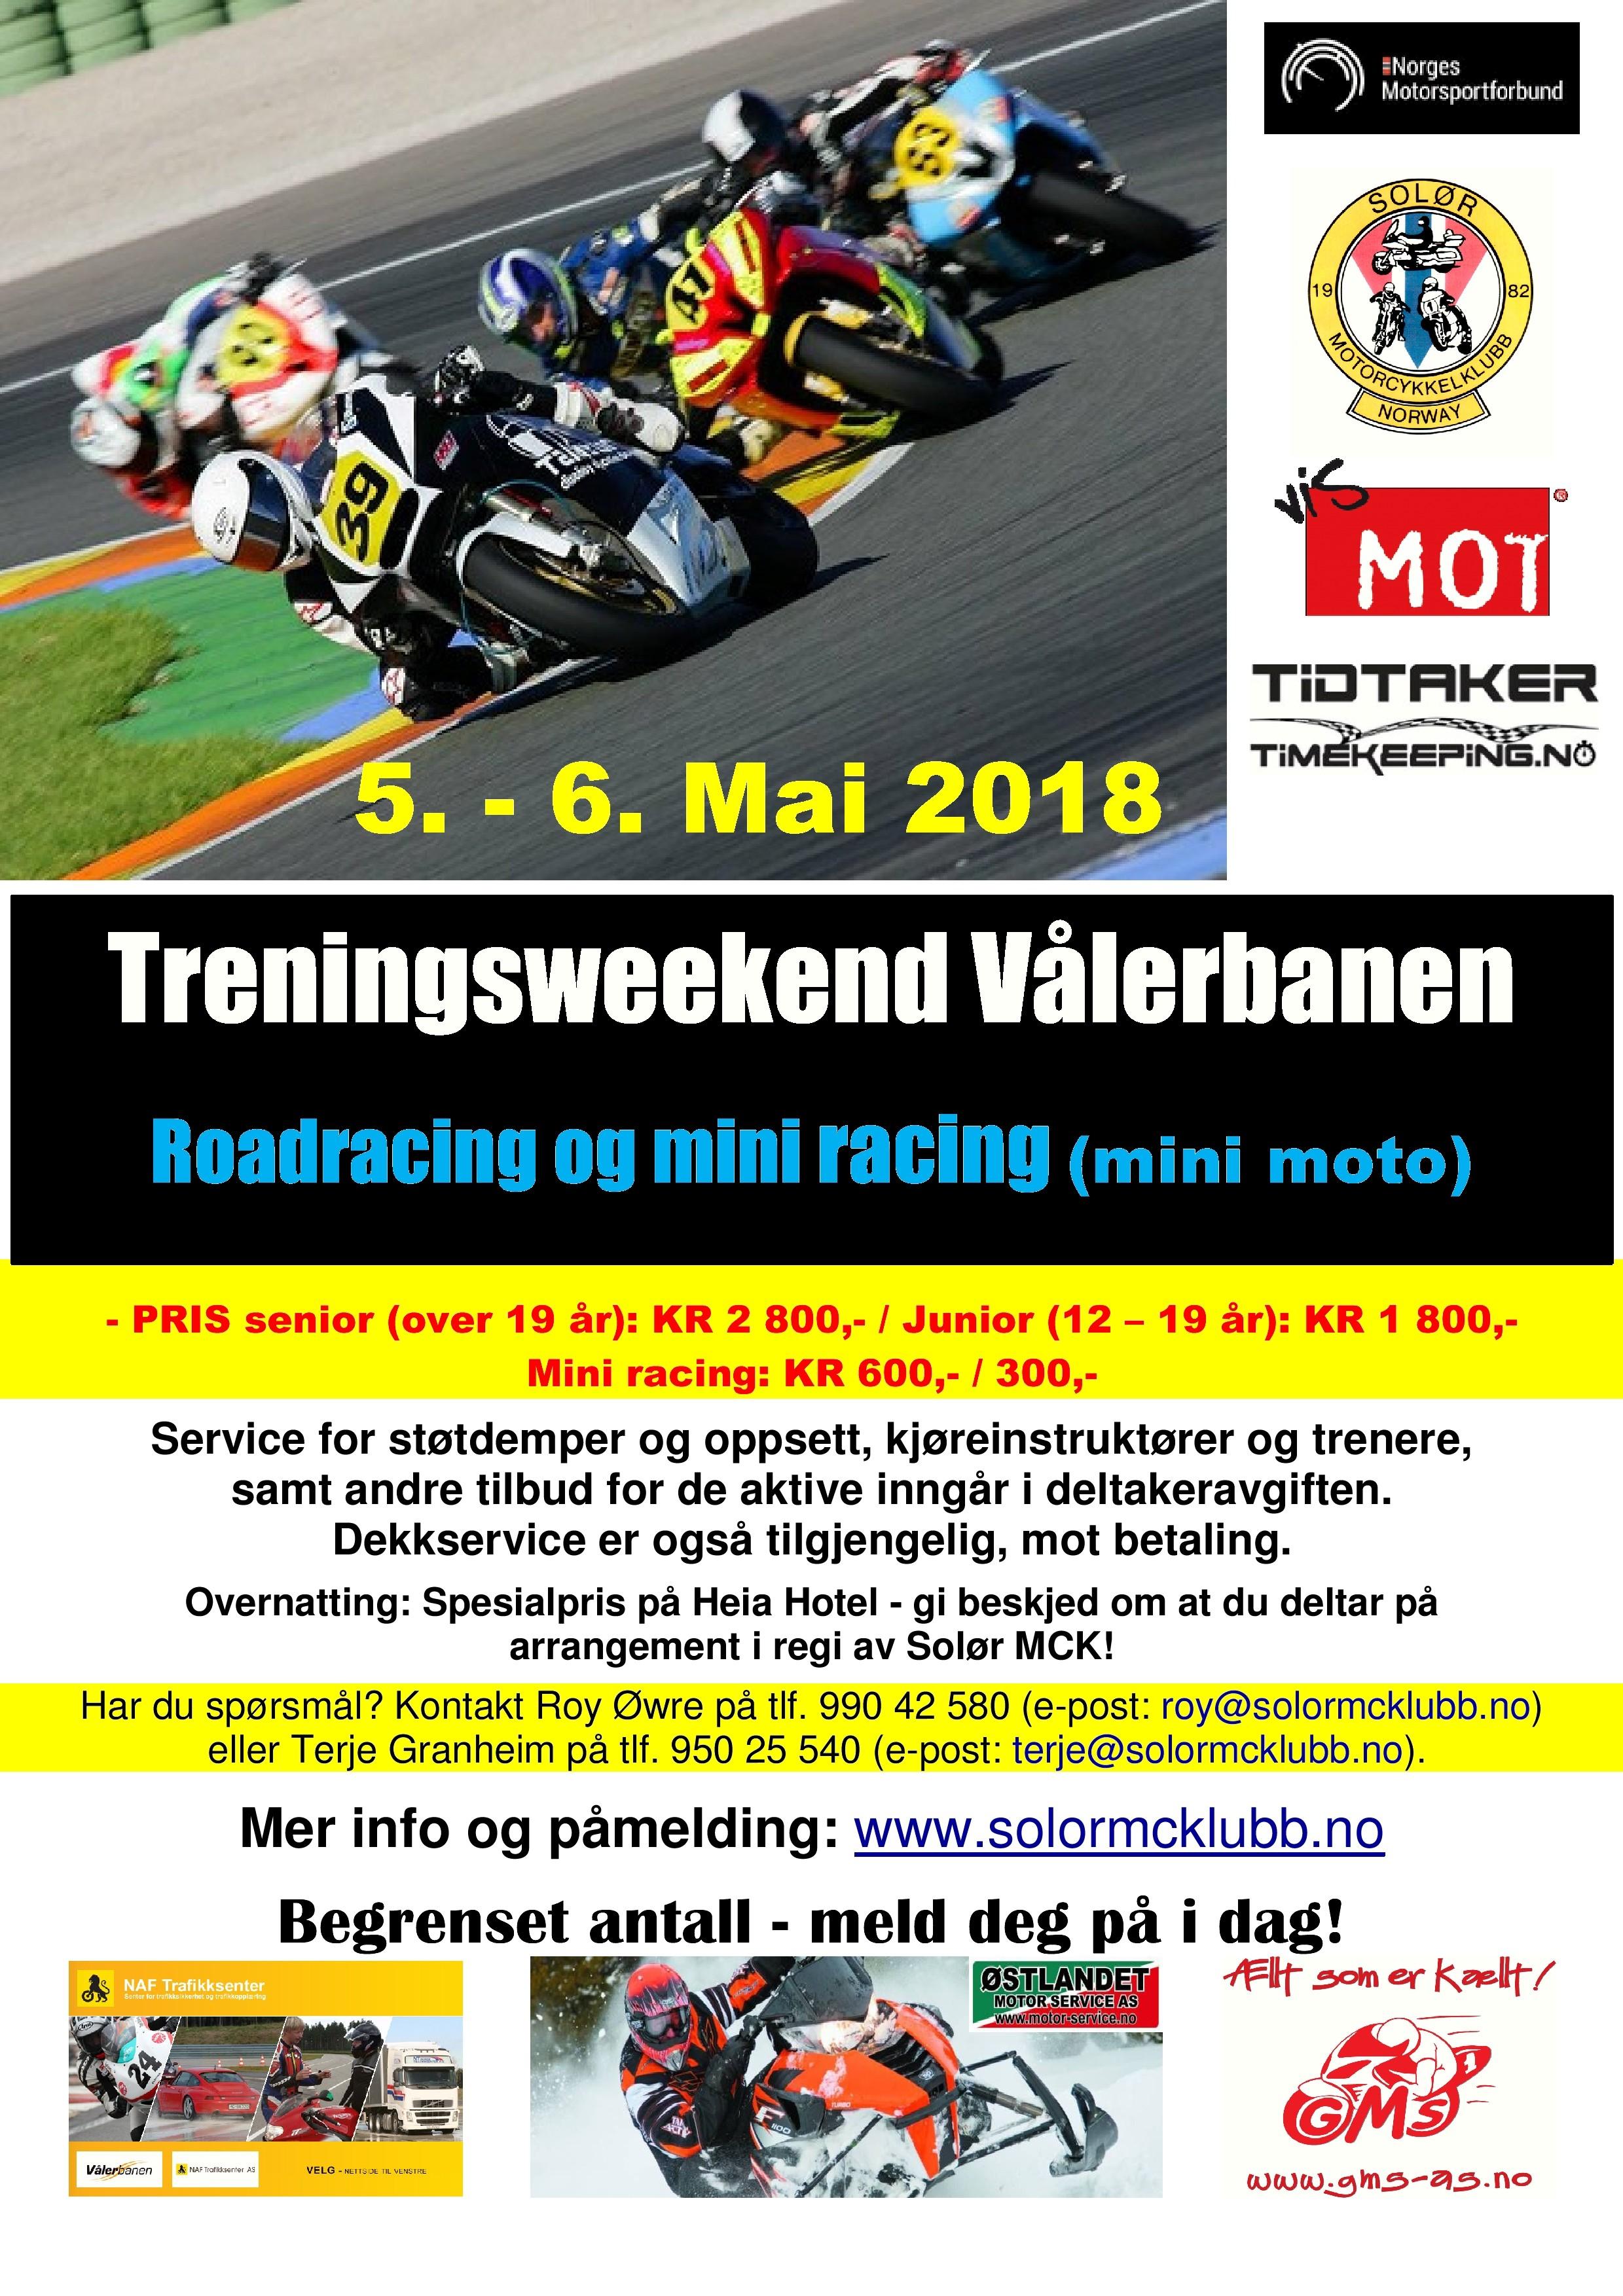 Poster - Treningsweekend Vålerbanen - Mai 2018